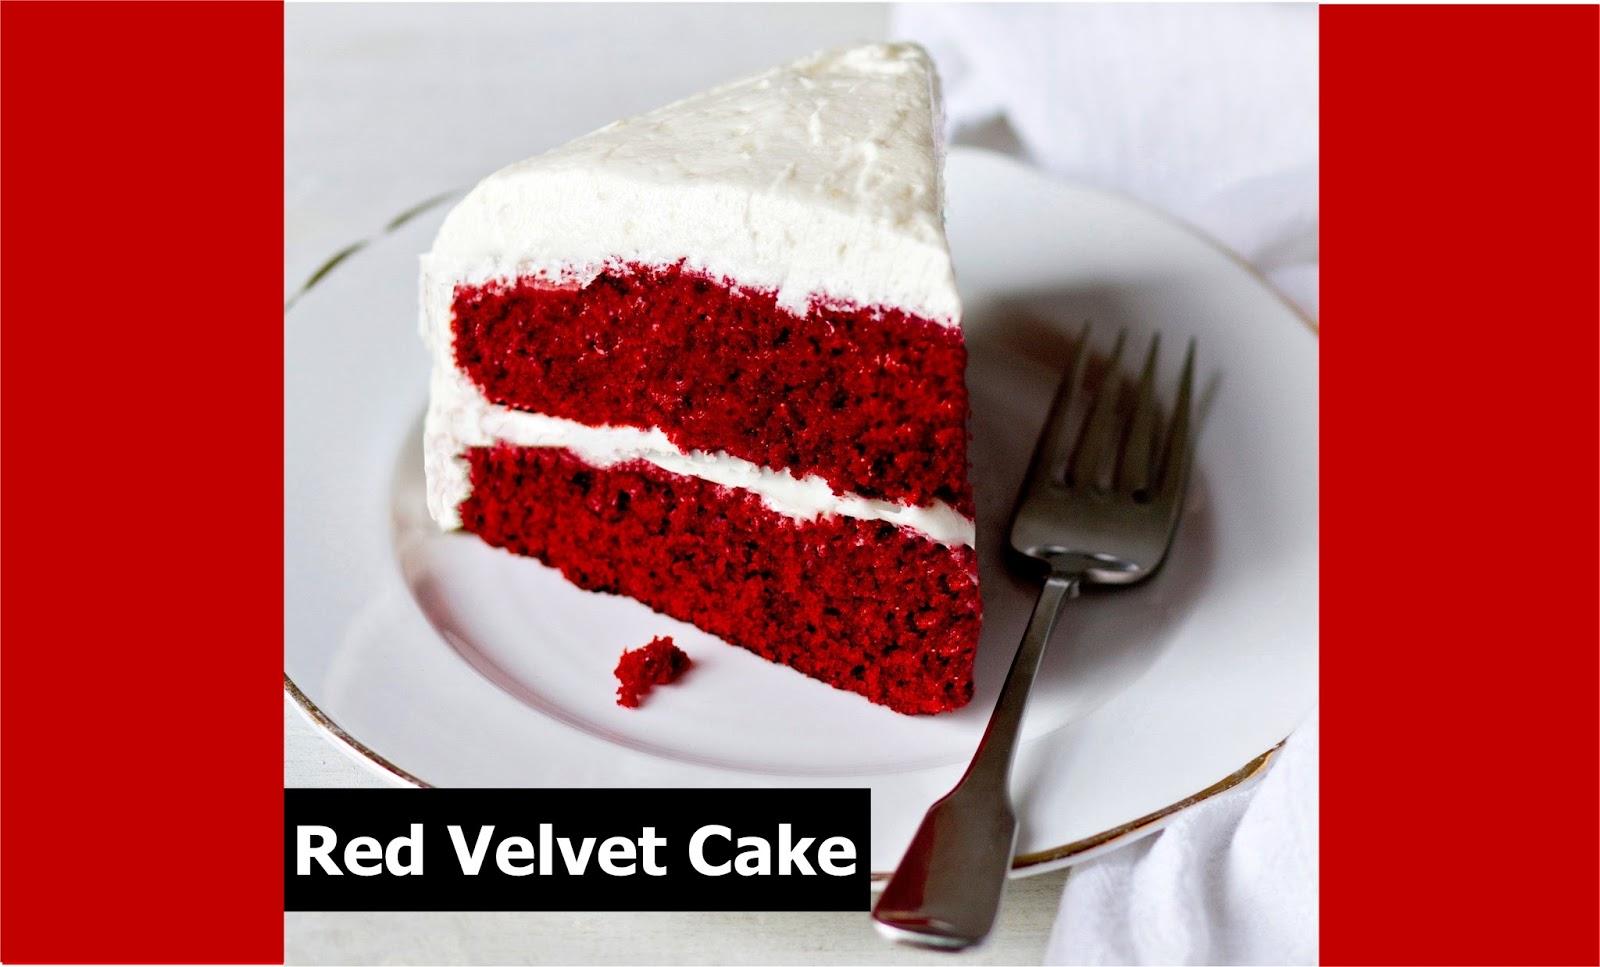 How To Make Red Velvet Cake In Pressure Cooker